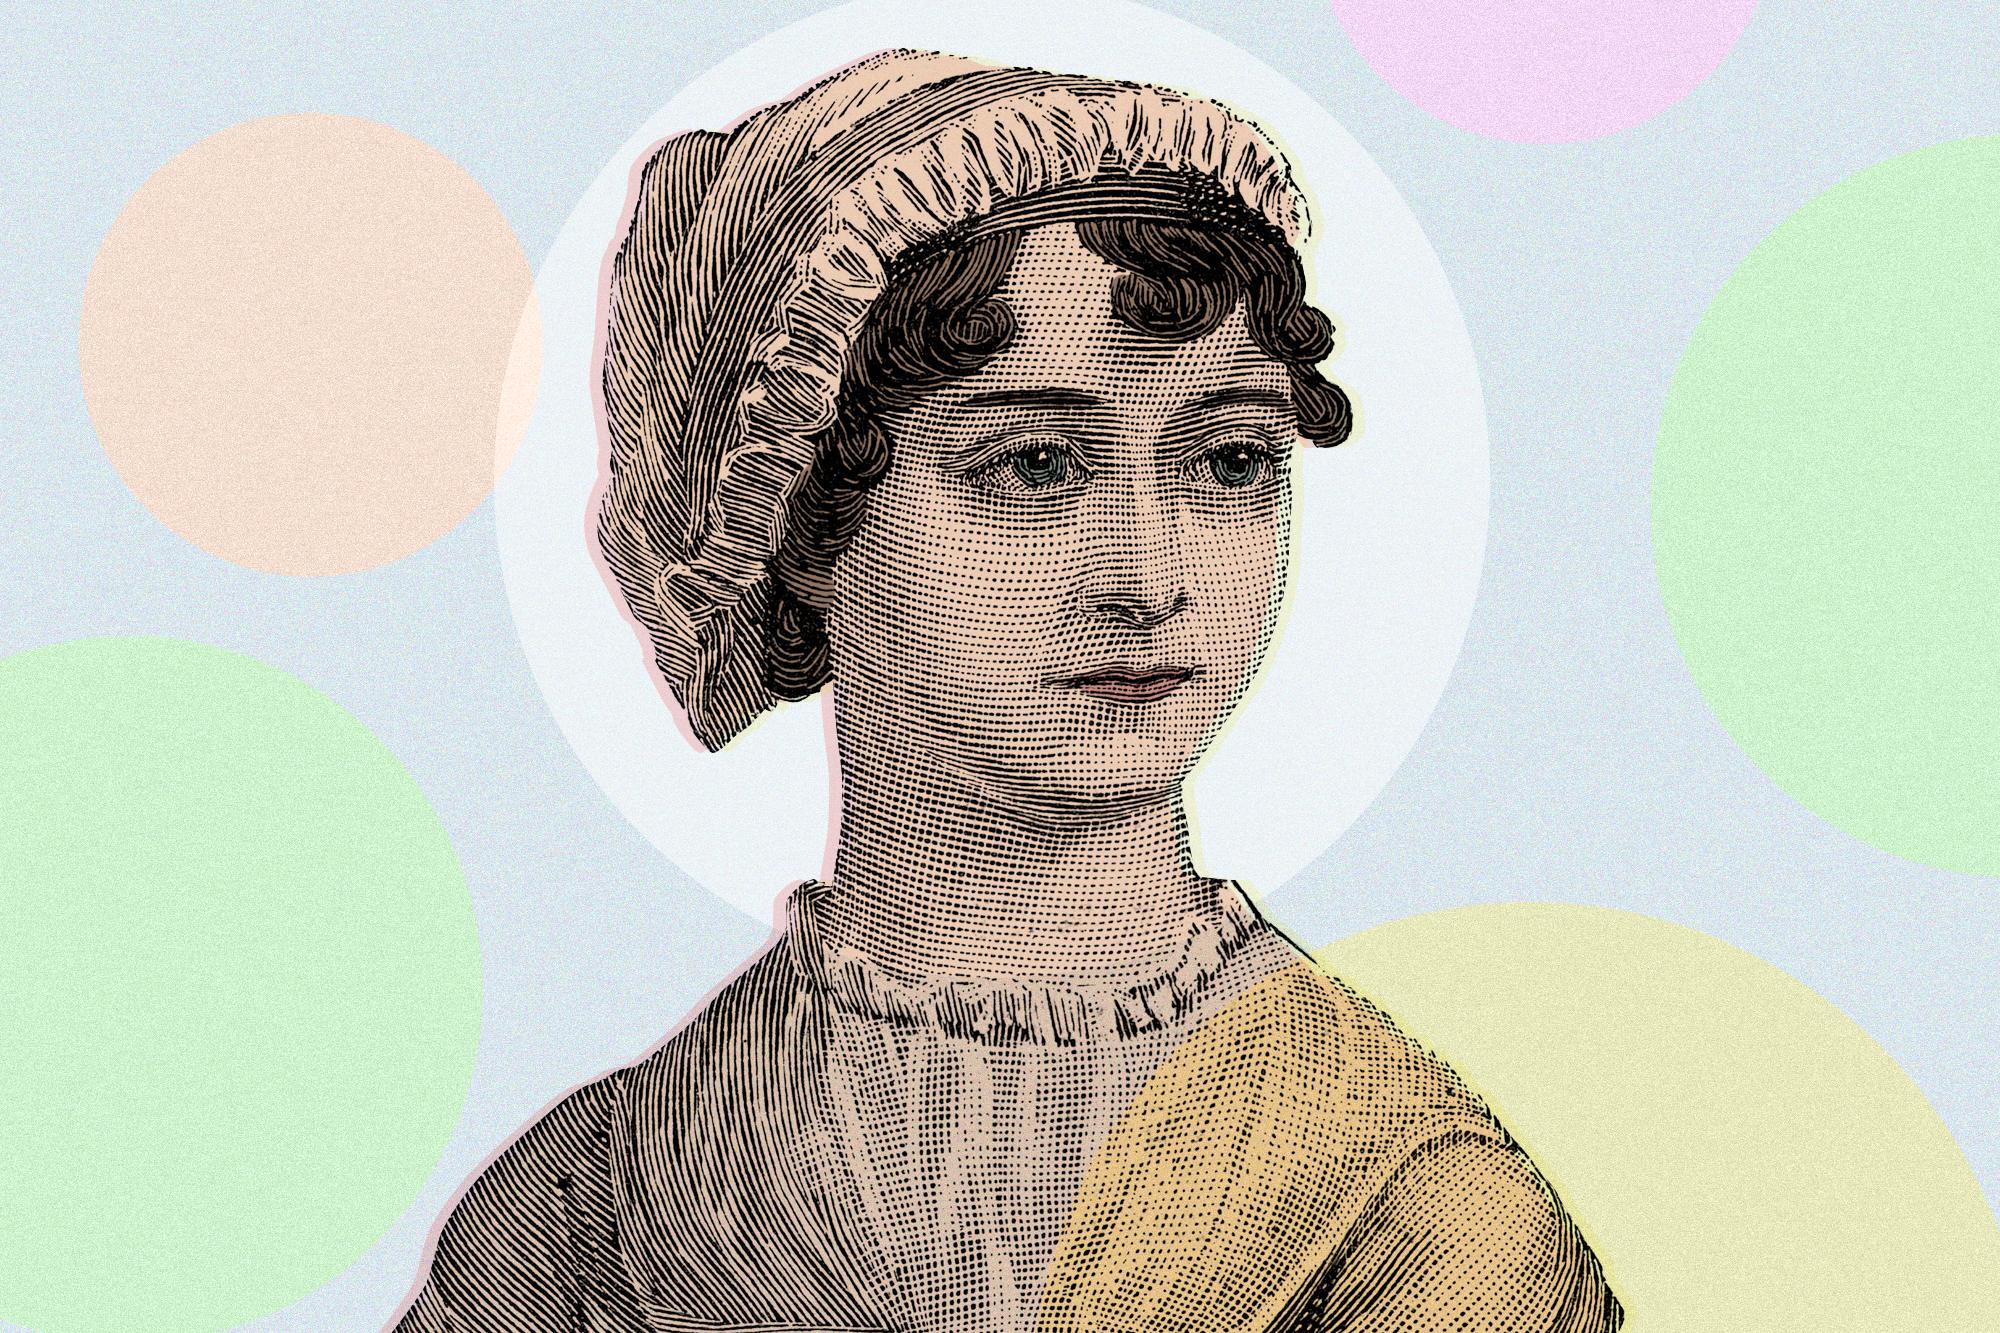 Let's Talk About Jane Austen - The Atlantic